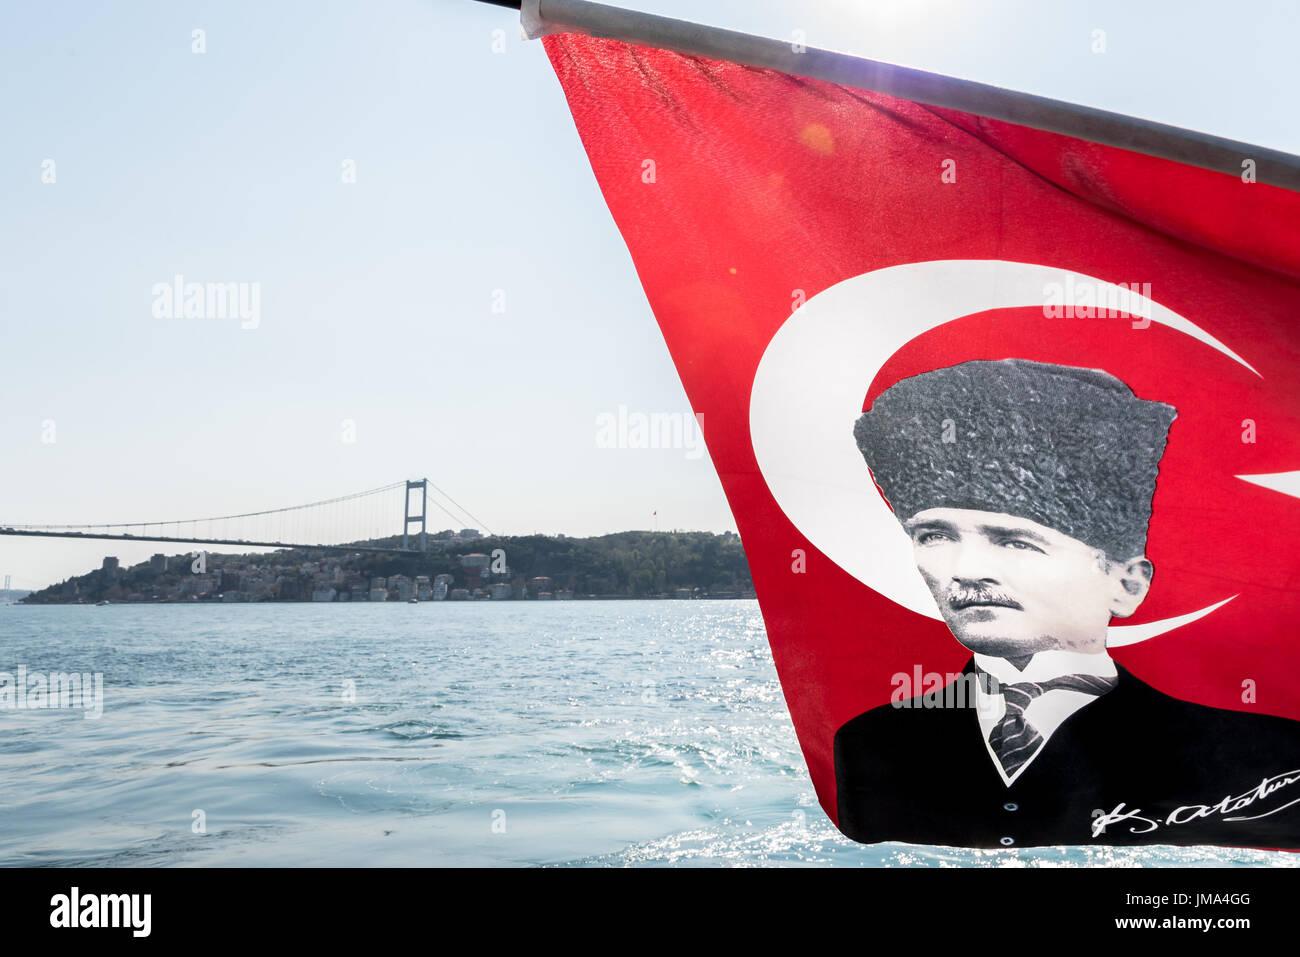 Vista del Bosforo ,Costa e baia mare dal traghetto con bandiera turca sull'immagine di Ataturk(Padre dei turchi)sventolare nel vento, Beykoz in Istanbul Immagini Stock